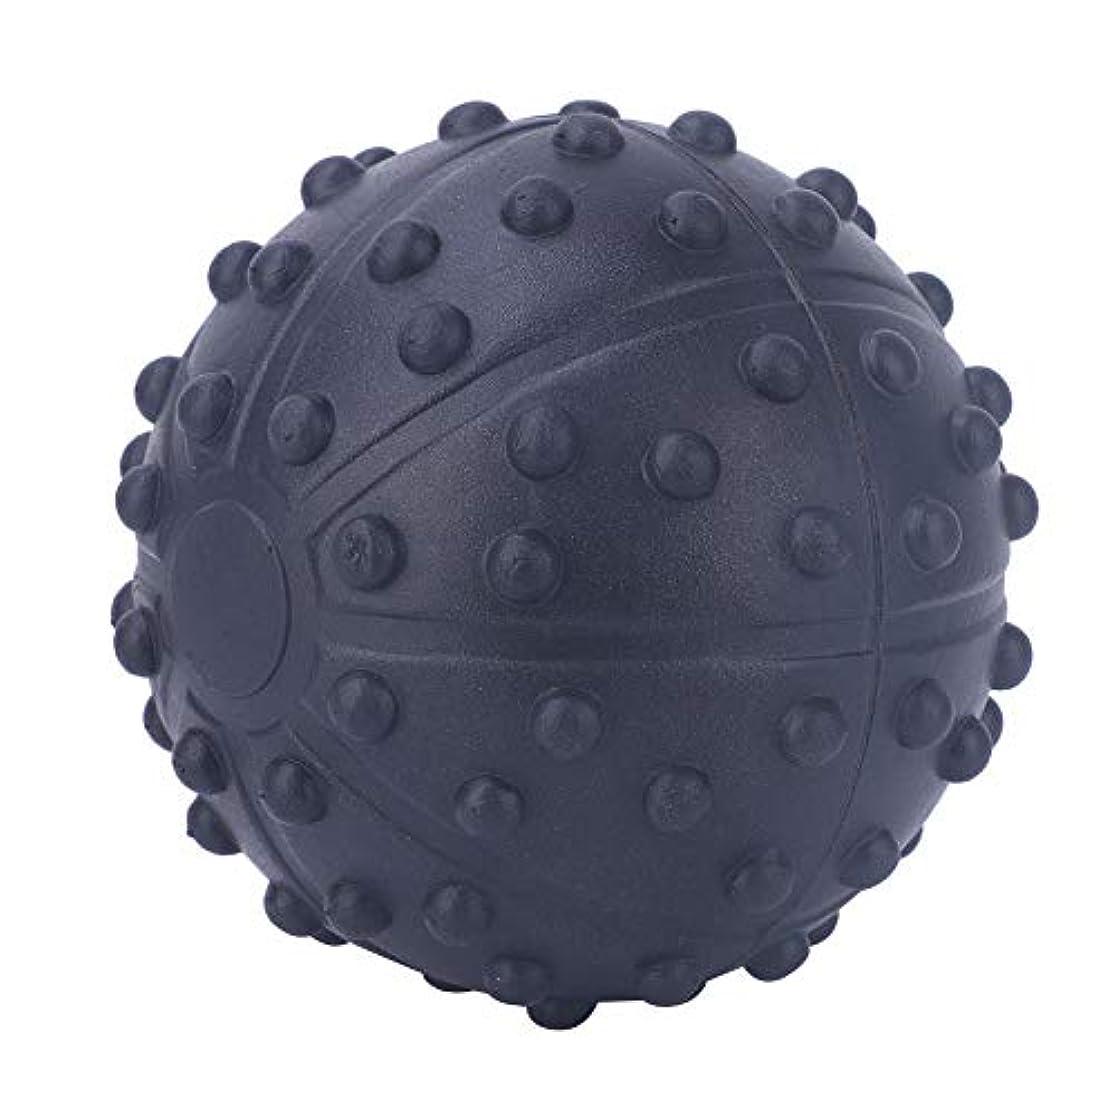 温かい法律により黙認する深いティッシュヨガの筋膜の球、ヨガの疲労筋肉は筋肉救済、背部、首および足のマッサージャーのためのスポーツの球を取り除きます